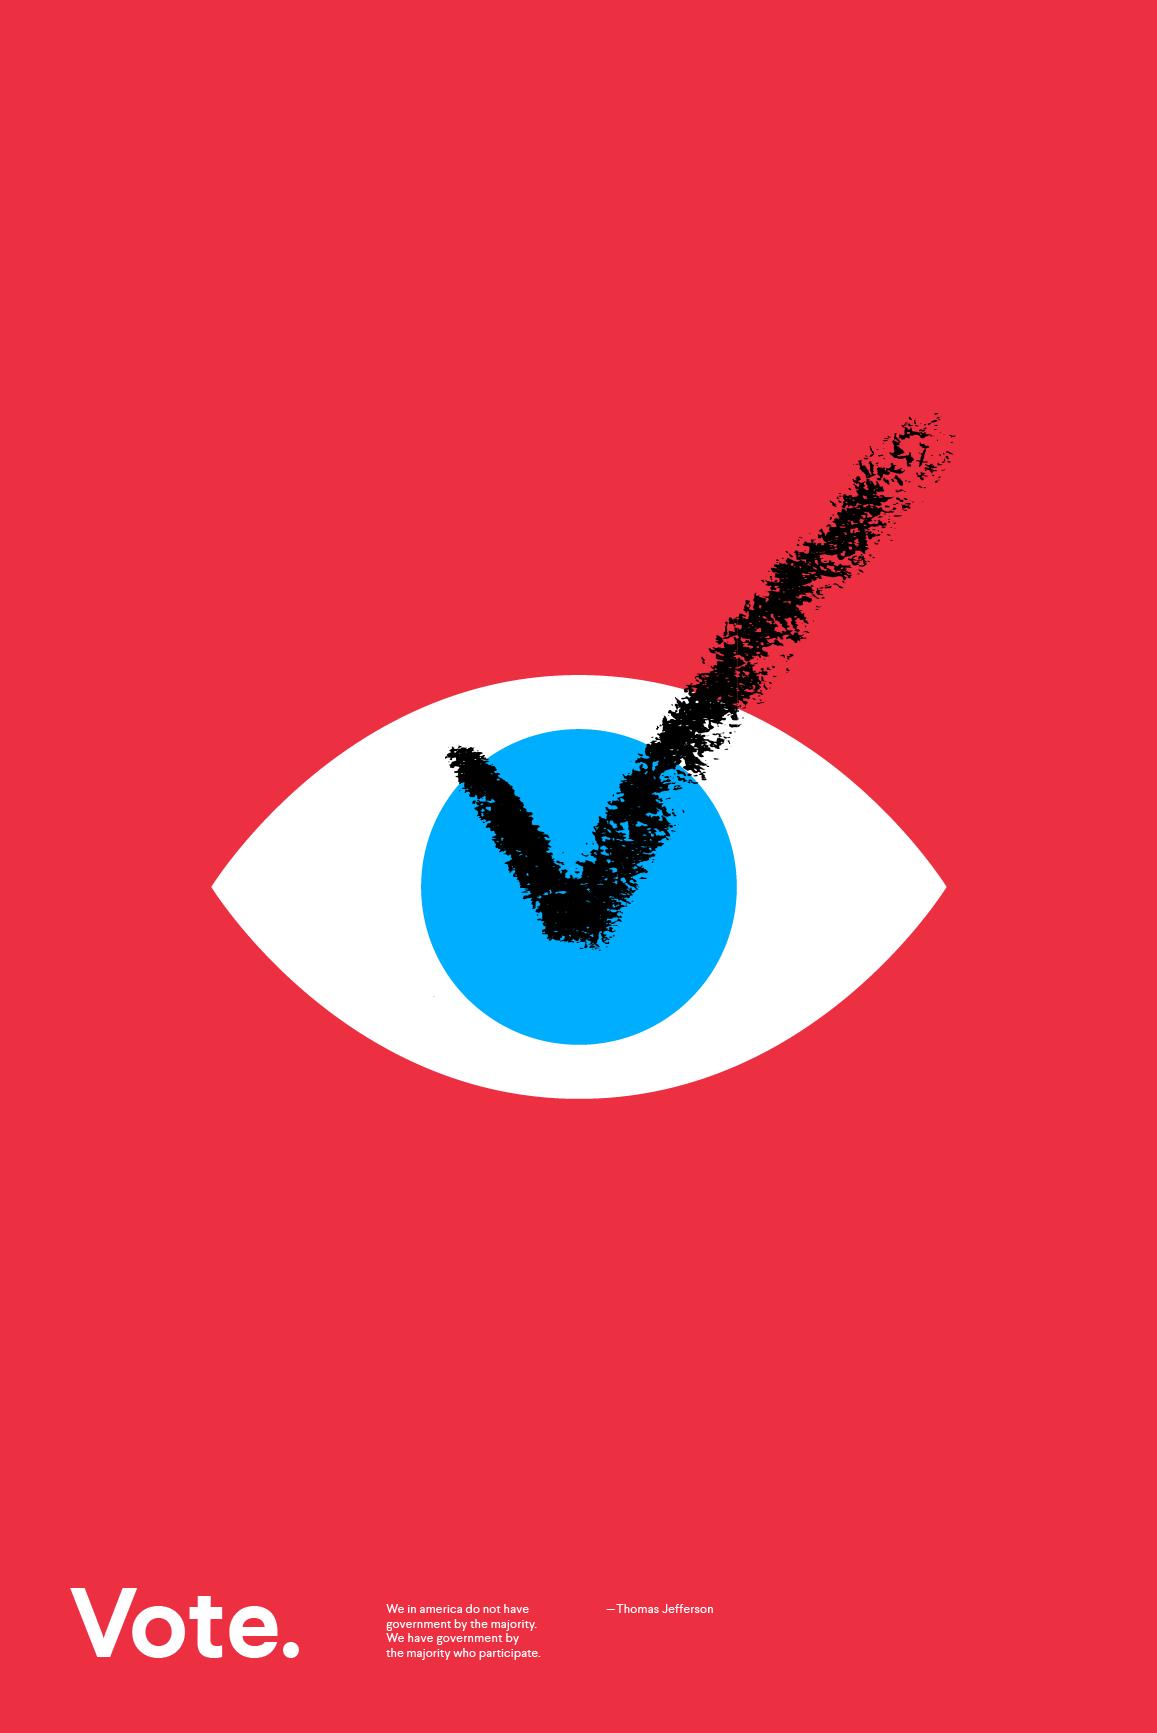 Eye Voted